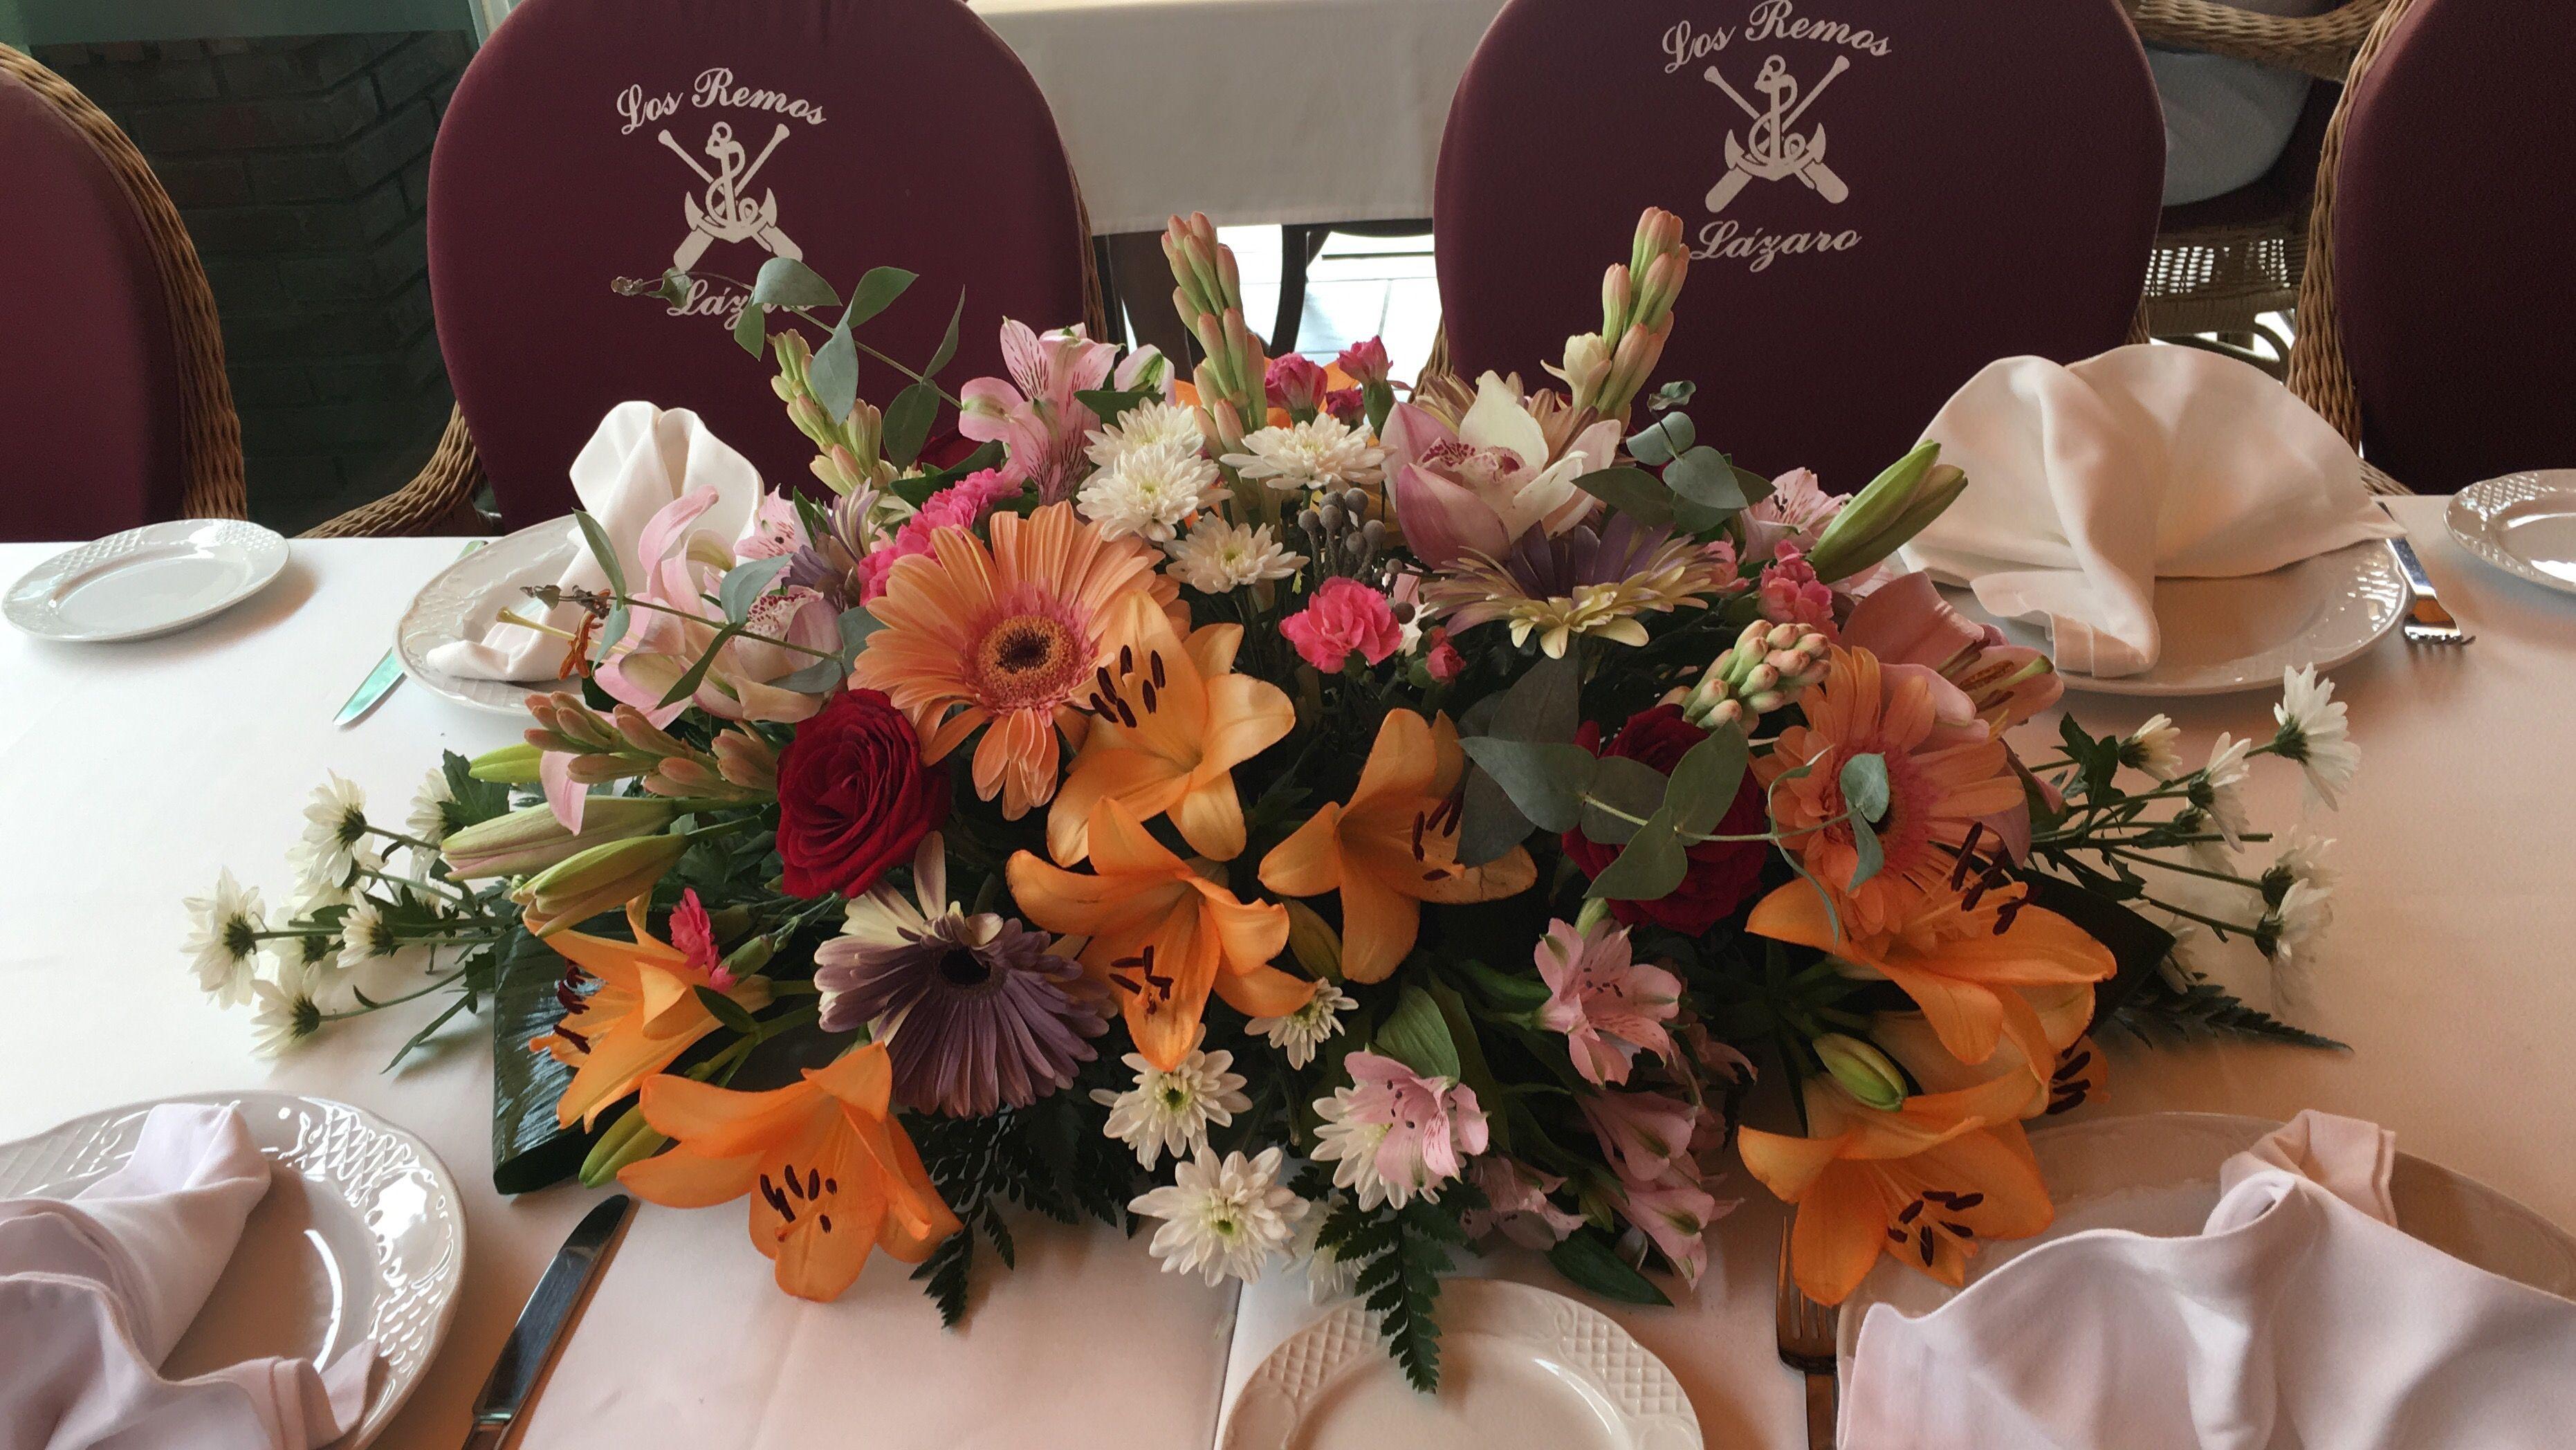 Celebraciones y bodas: Carta de Restaurante Los Remos Lázaro